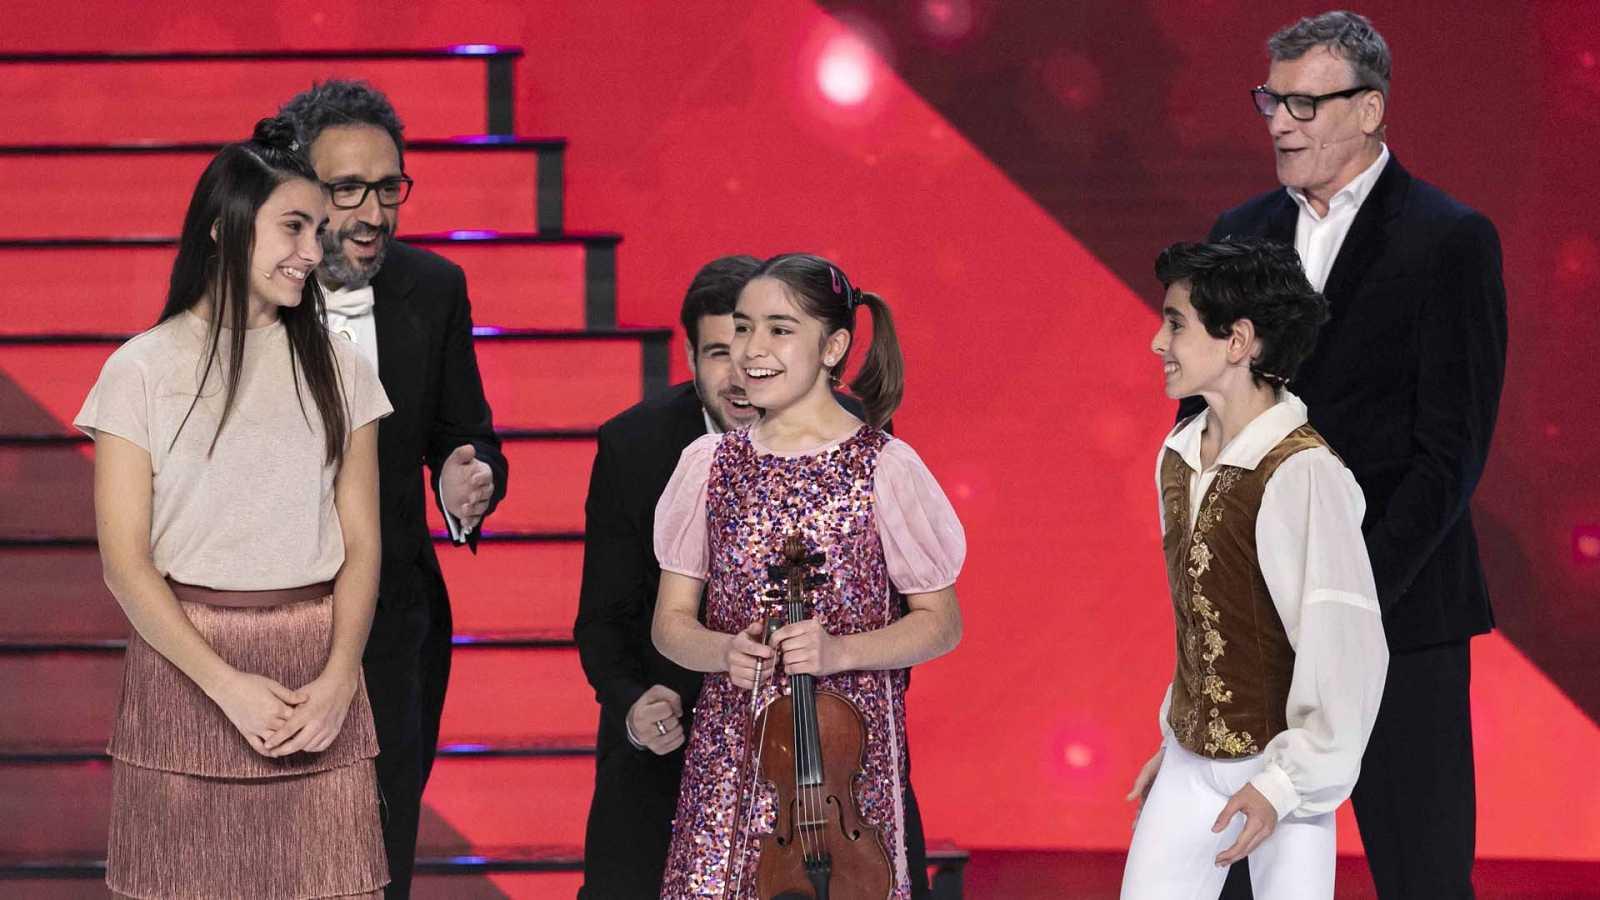 """Sofía, en el centro, ganó el título de """"Prodigio del año""""."""